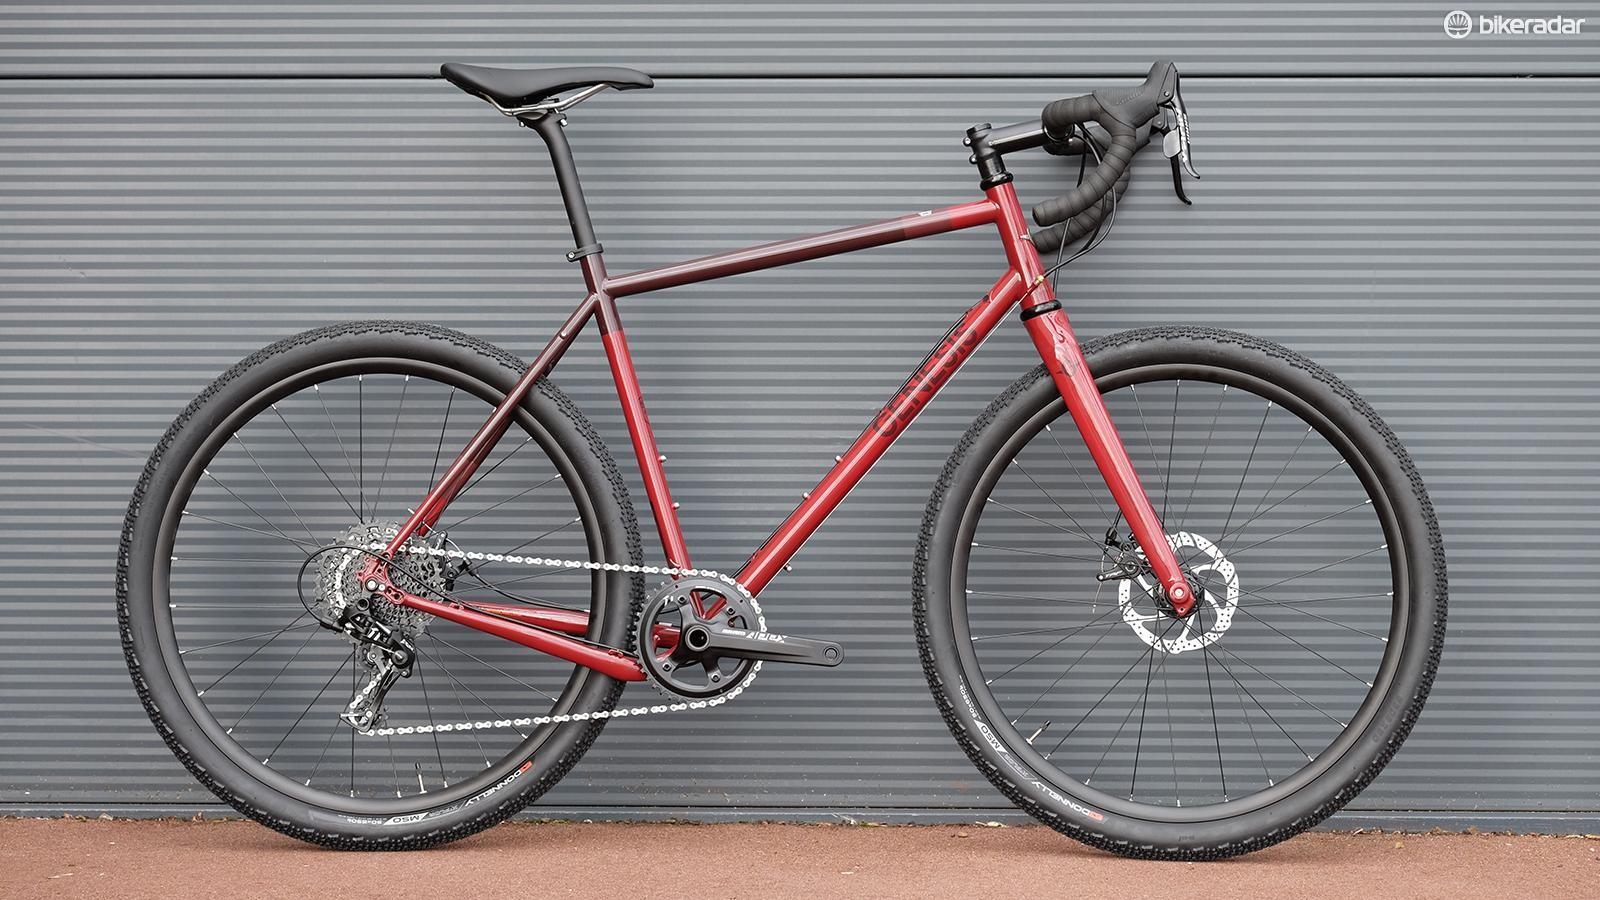 b2e5f2cda15 11spd: This week's best new bike gear - BikeRadar